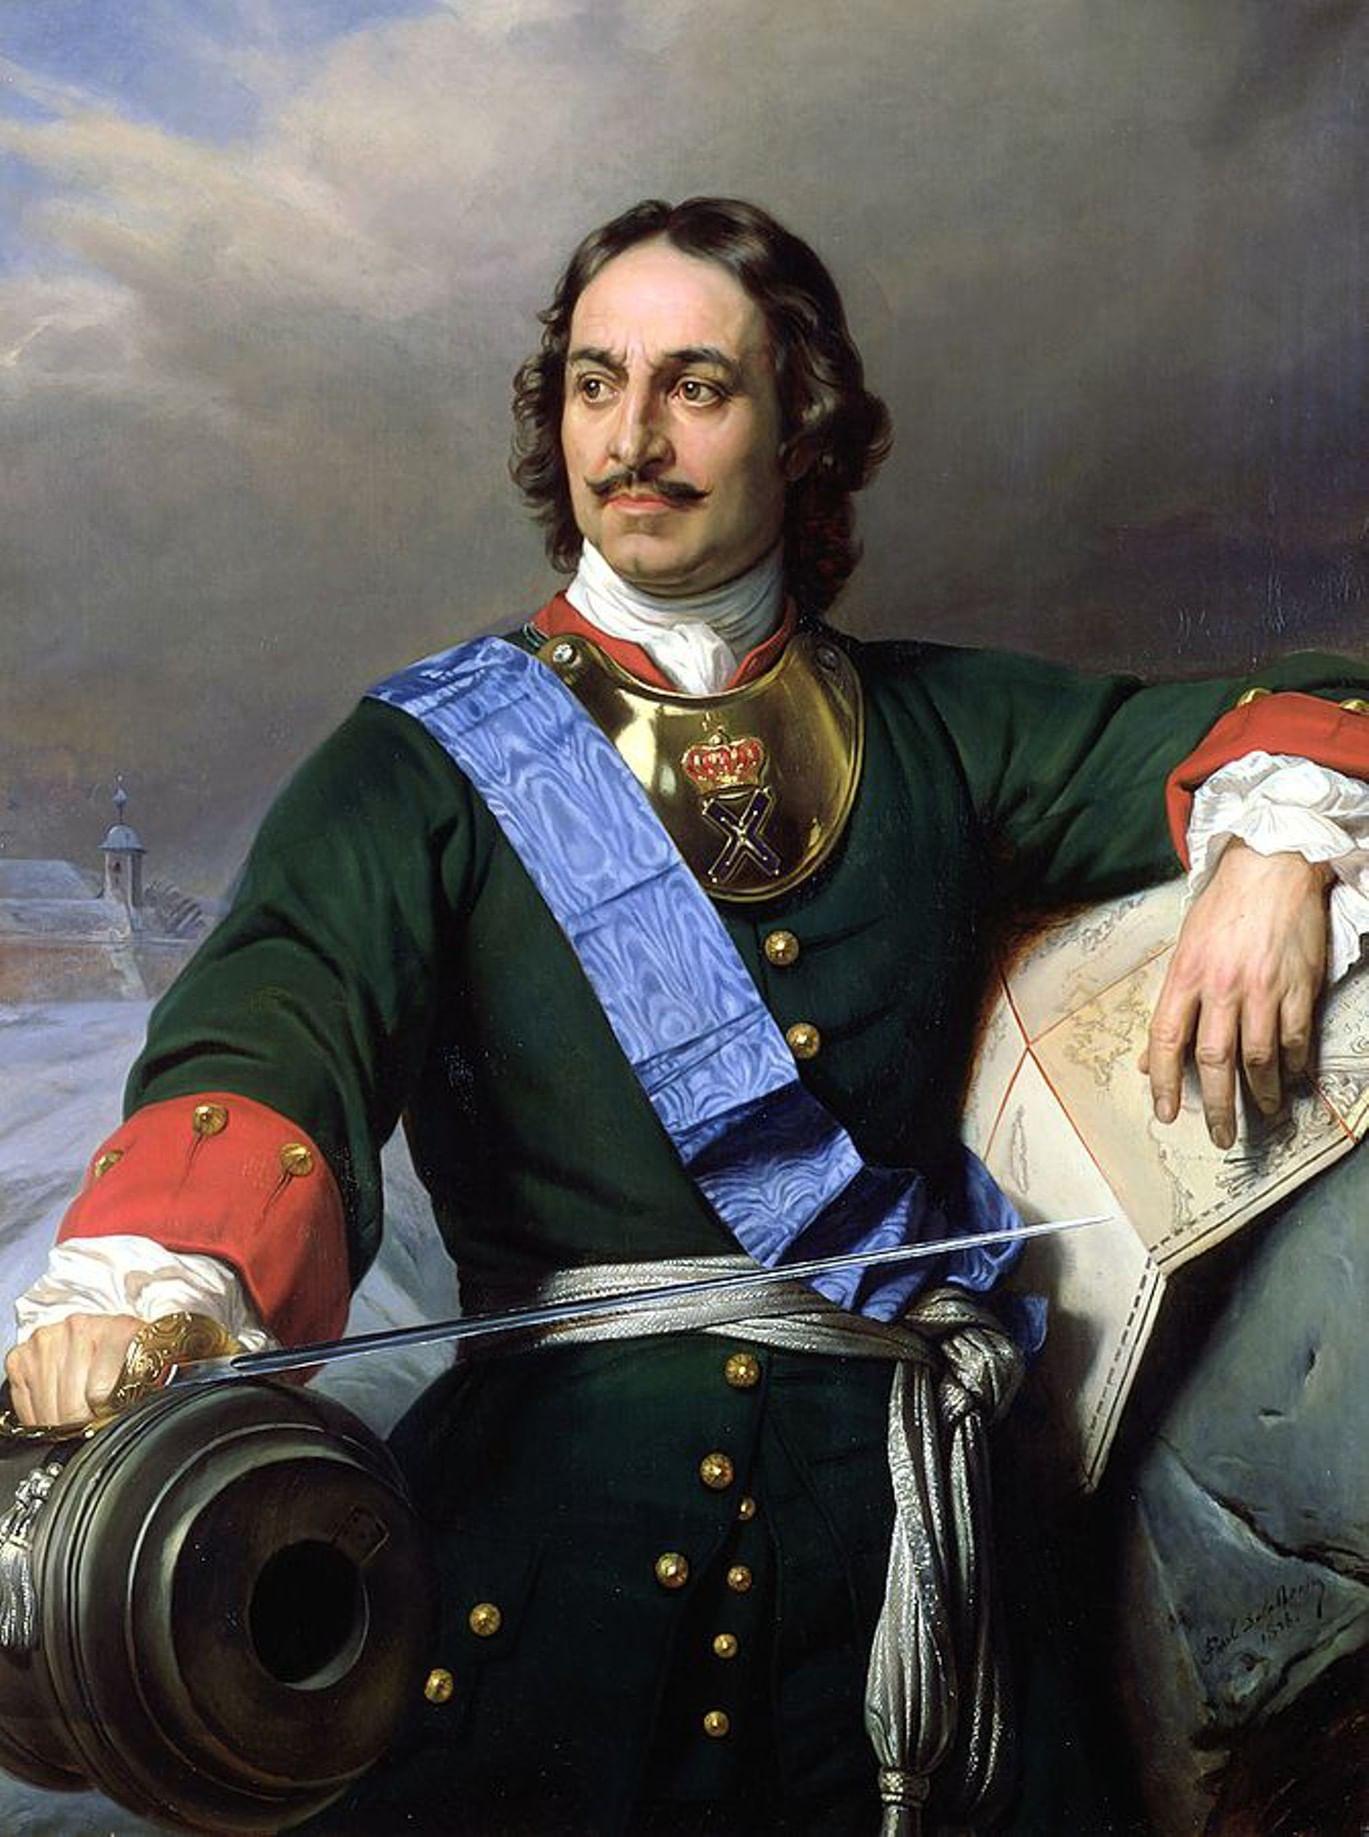 Пушки и русское искусство. Галерея 3. Императорские портреты